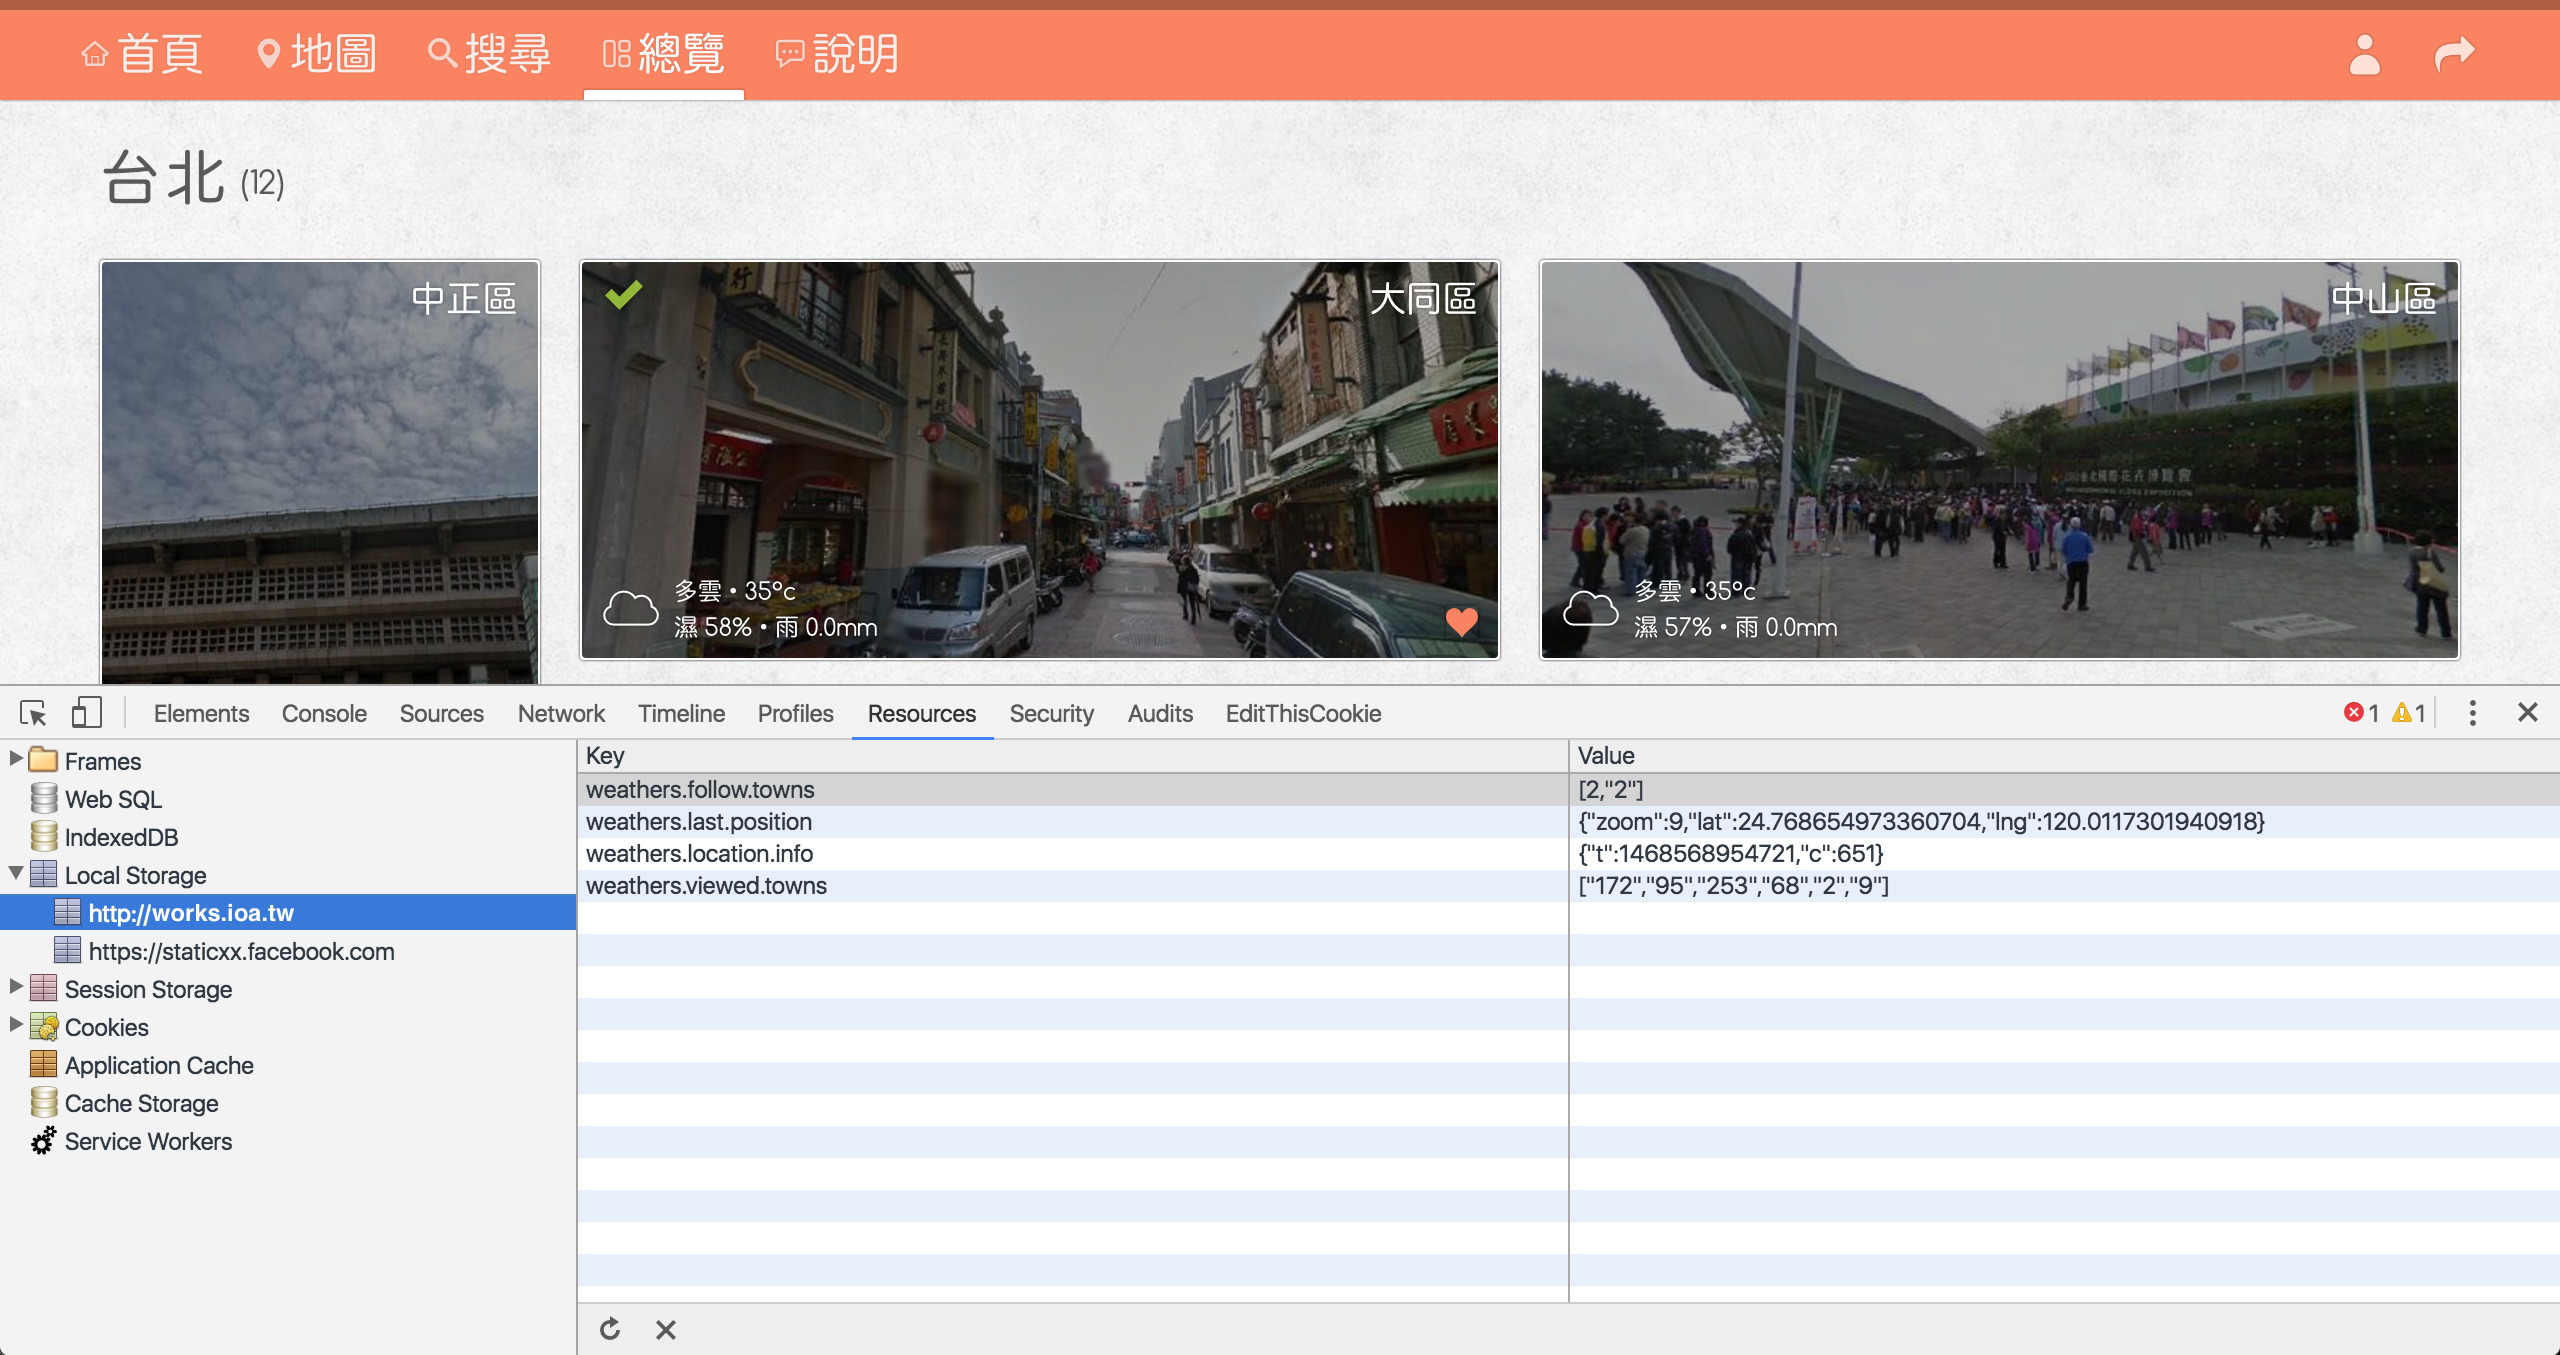 搭配 LocalStorage 實作追蹤天氣、紀錄瀏覽、記錄上次地圖位置.. 等功能